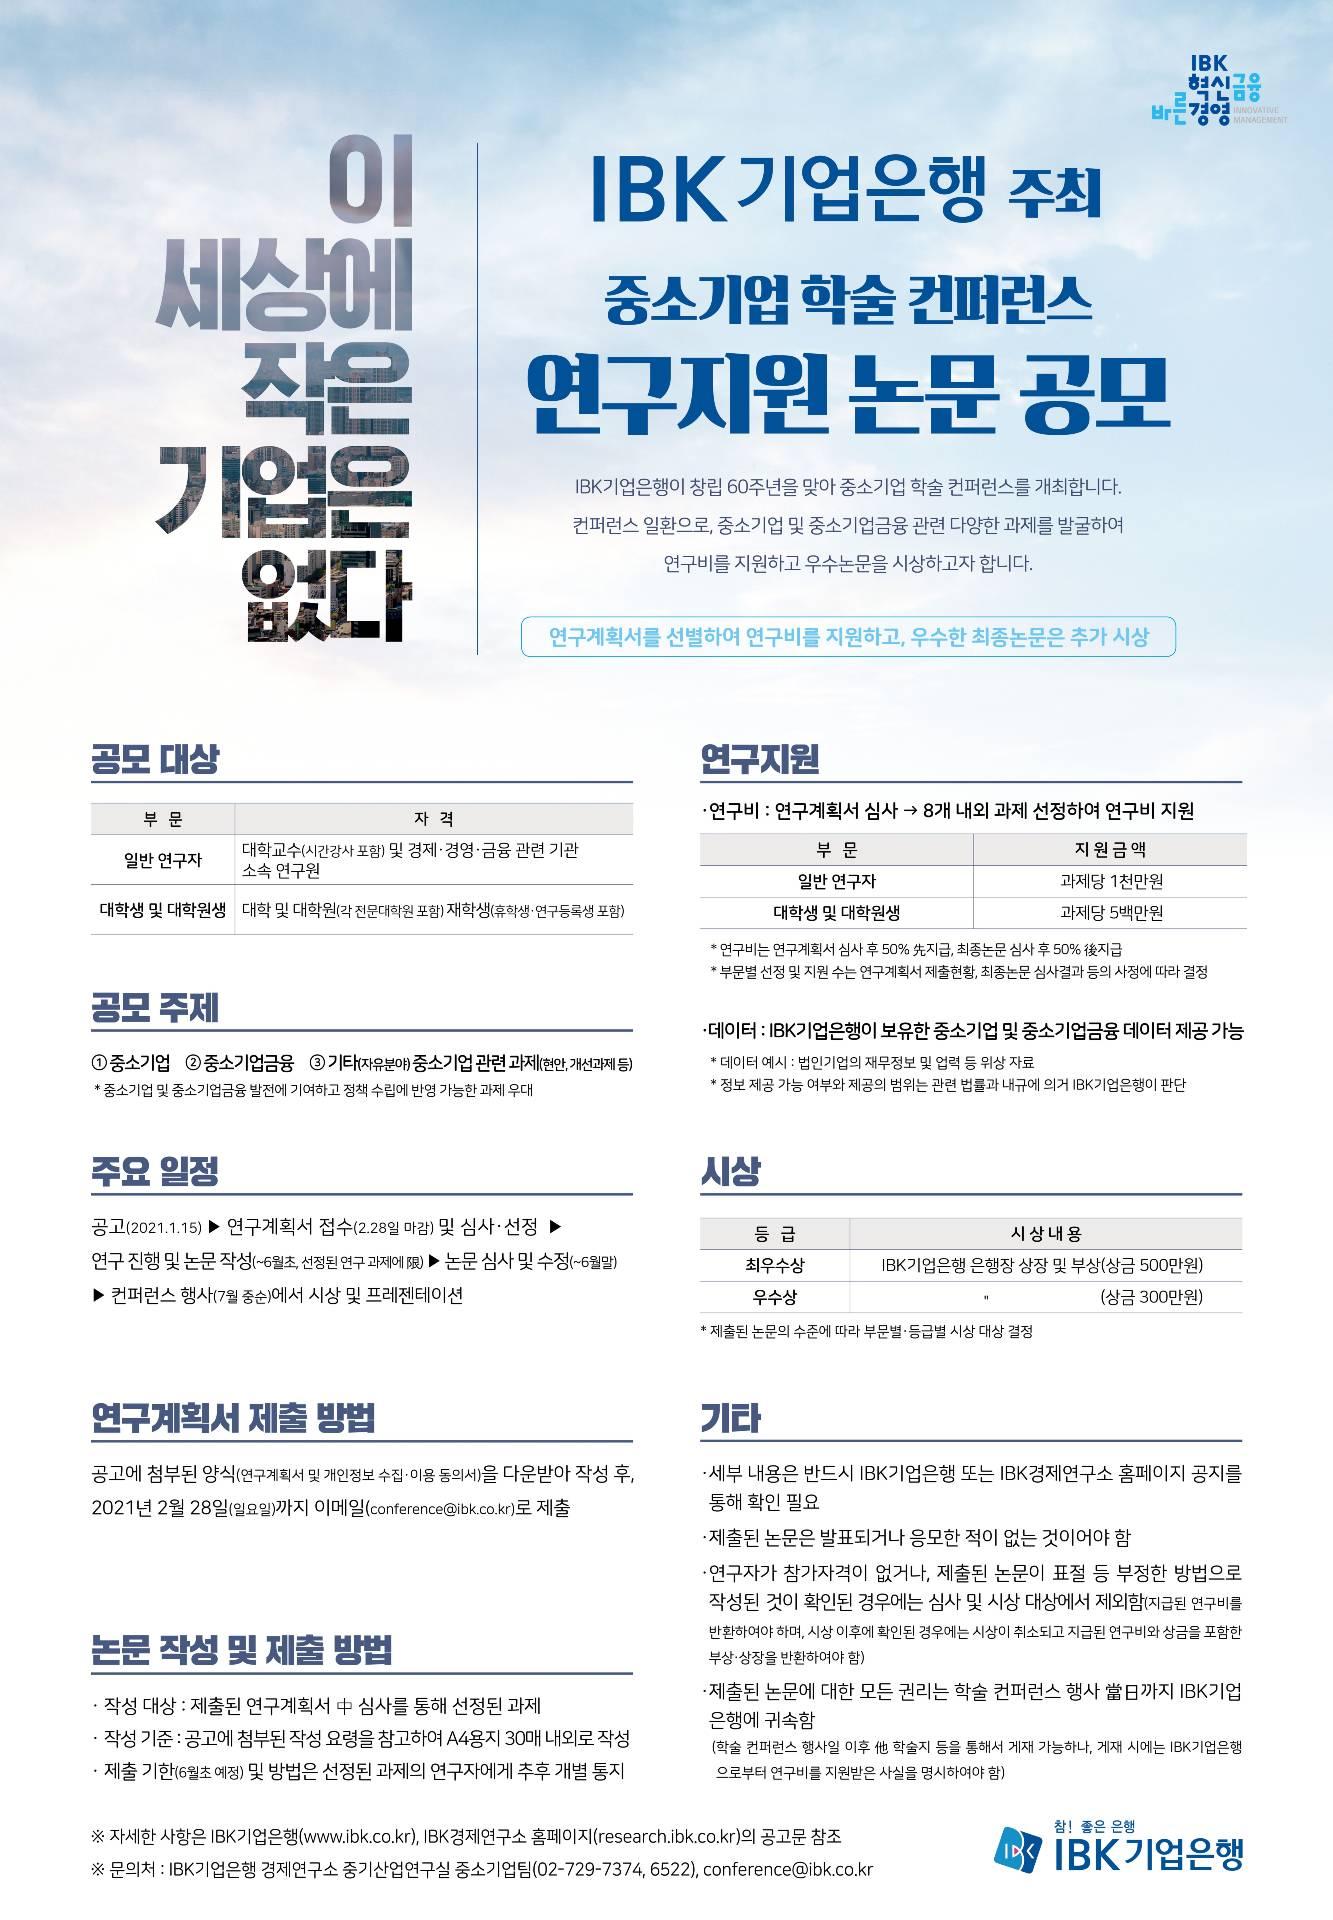 IBK기업은행 주최 중소기업 학술 컨퍼런스 연구지원 논문 공모